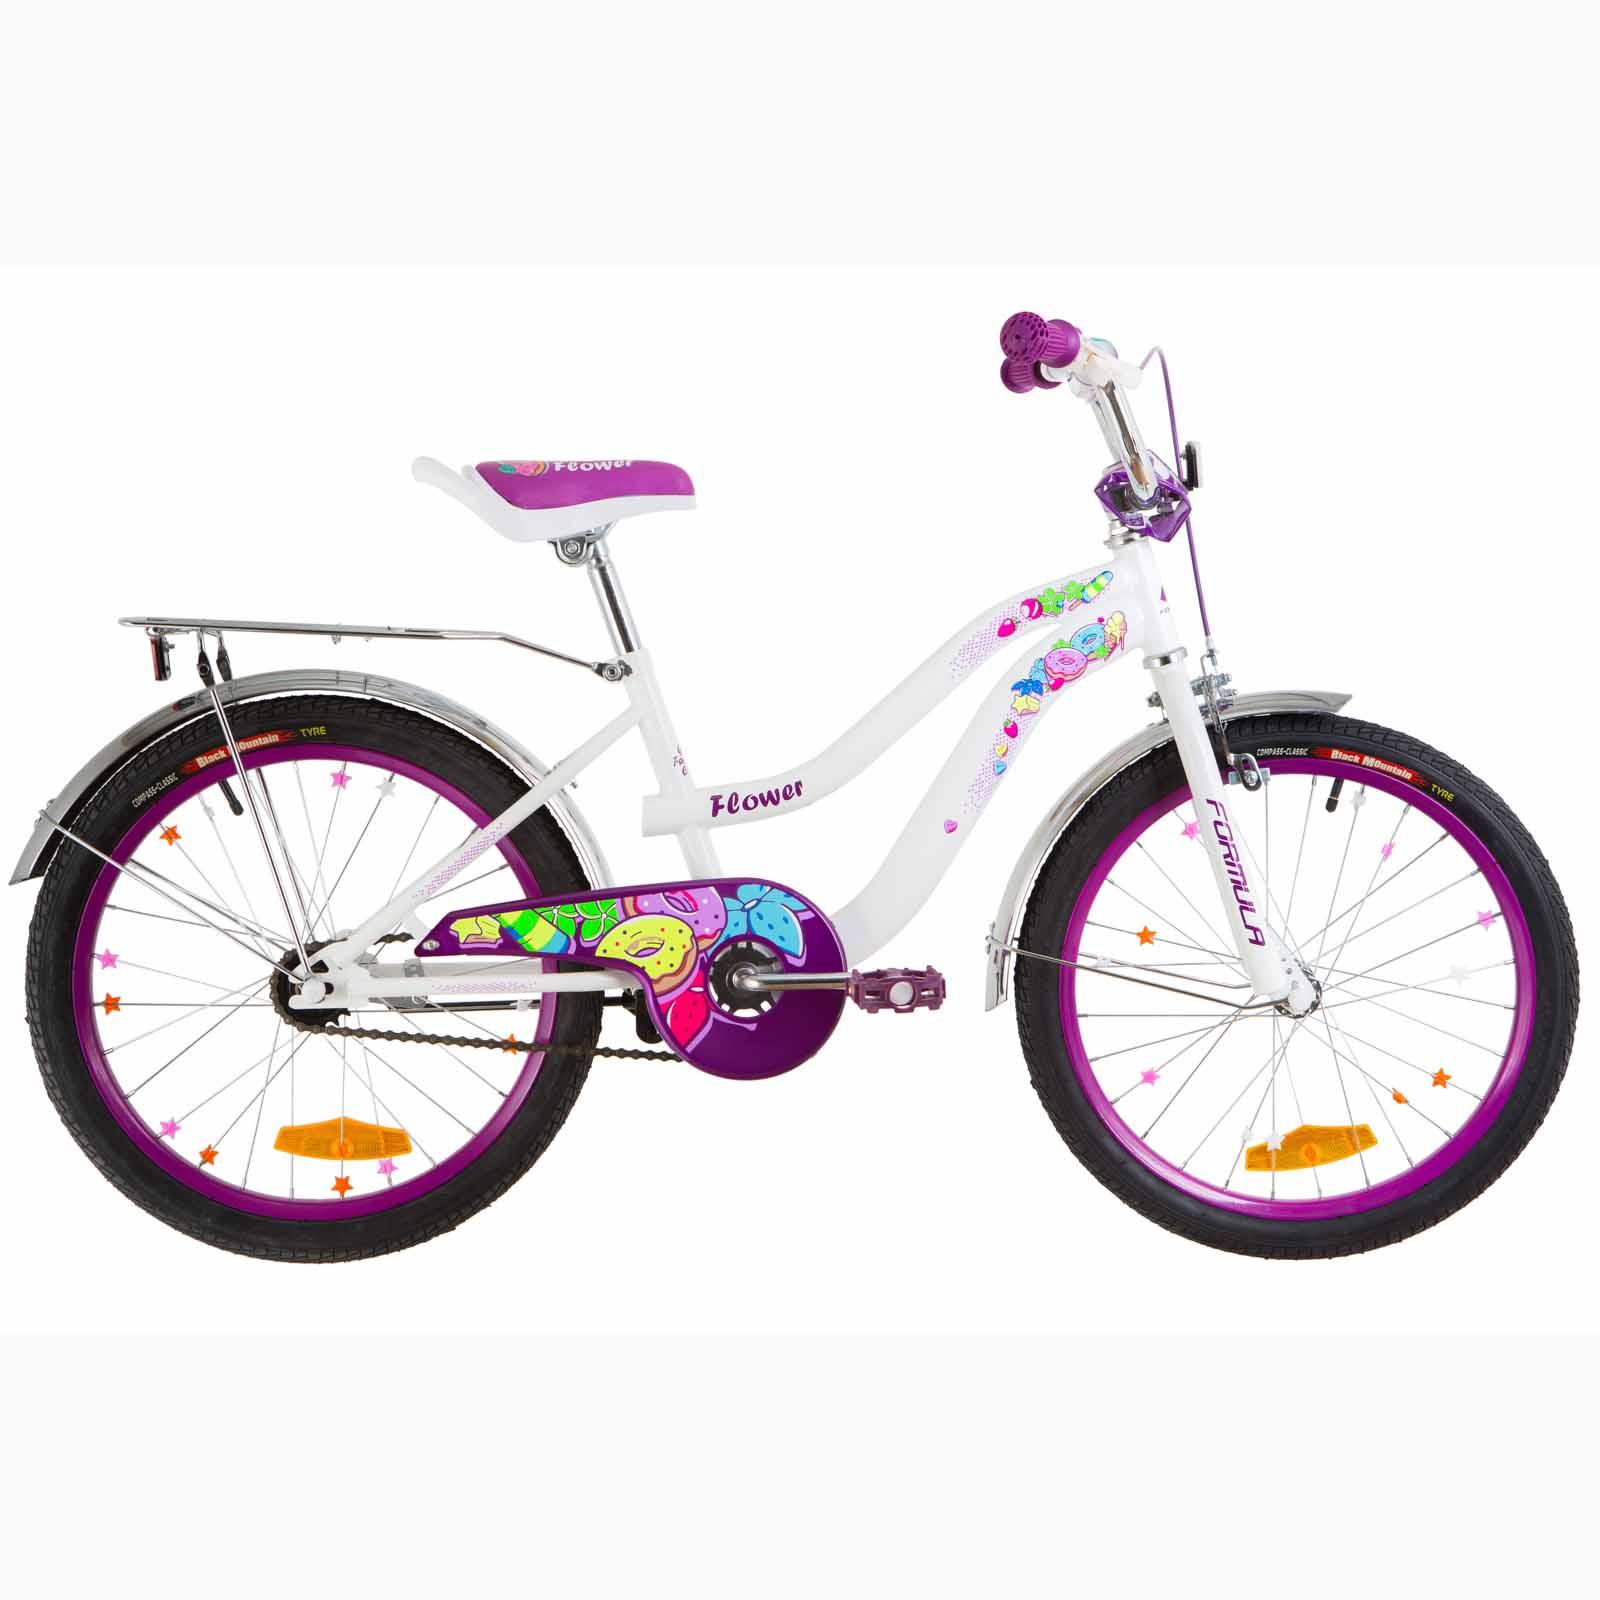 Фото Детский Велосипед 16 Formula FLOWER  бело-фиолетовый 2019